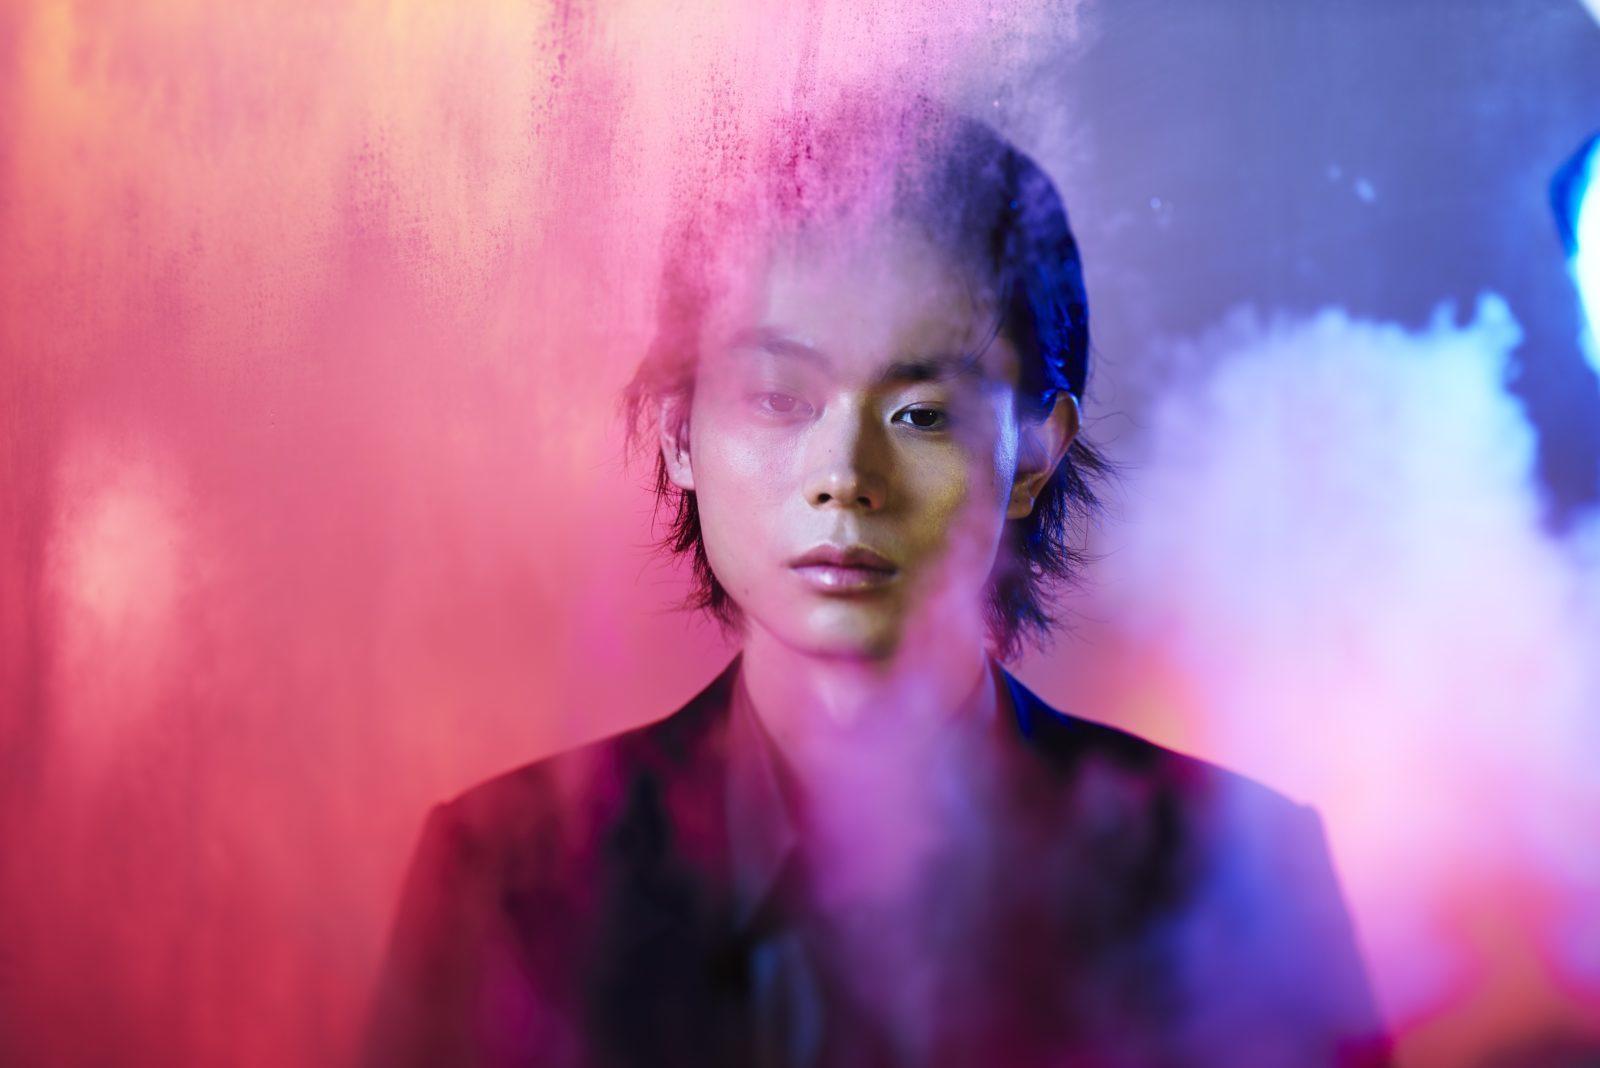 菅田将暉のANN、来週のゲスト解禁前に飛び交う予測「大物なのかな?」「私の予想は…」サムネイル画像